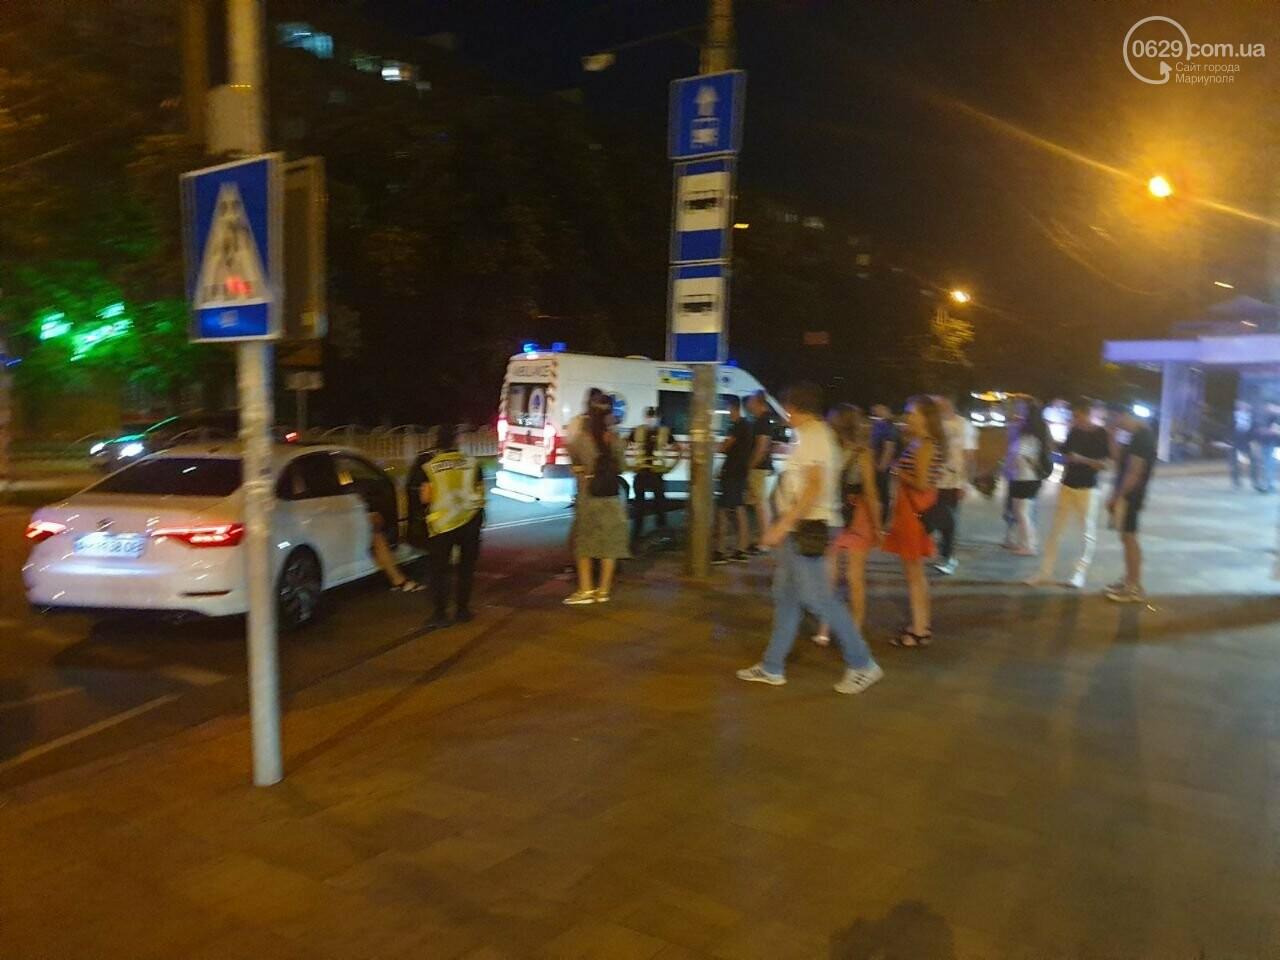 Кто виноват? В Мариуполе автомобиль на пешеходном переходе столкнулся с велосипедистом, - ФОТО, фото-8